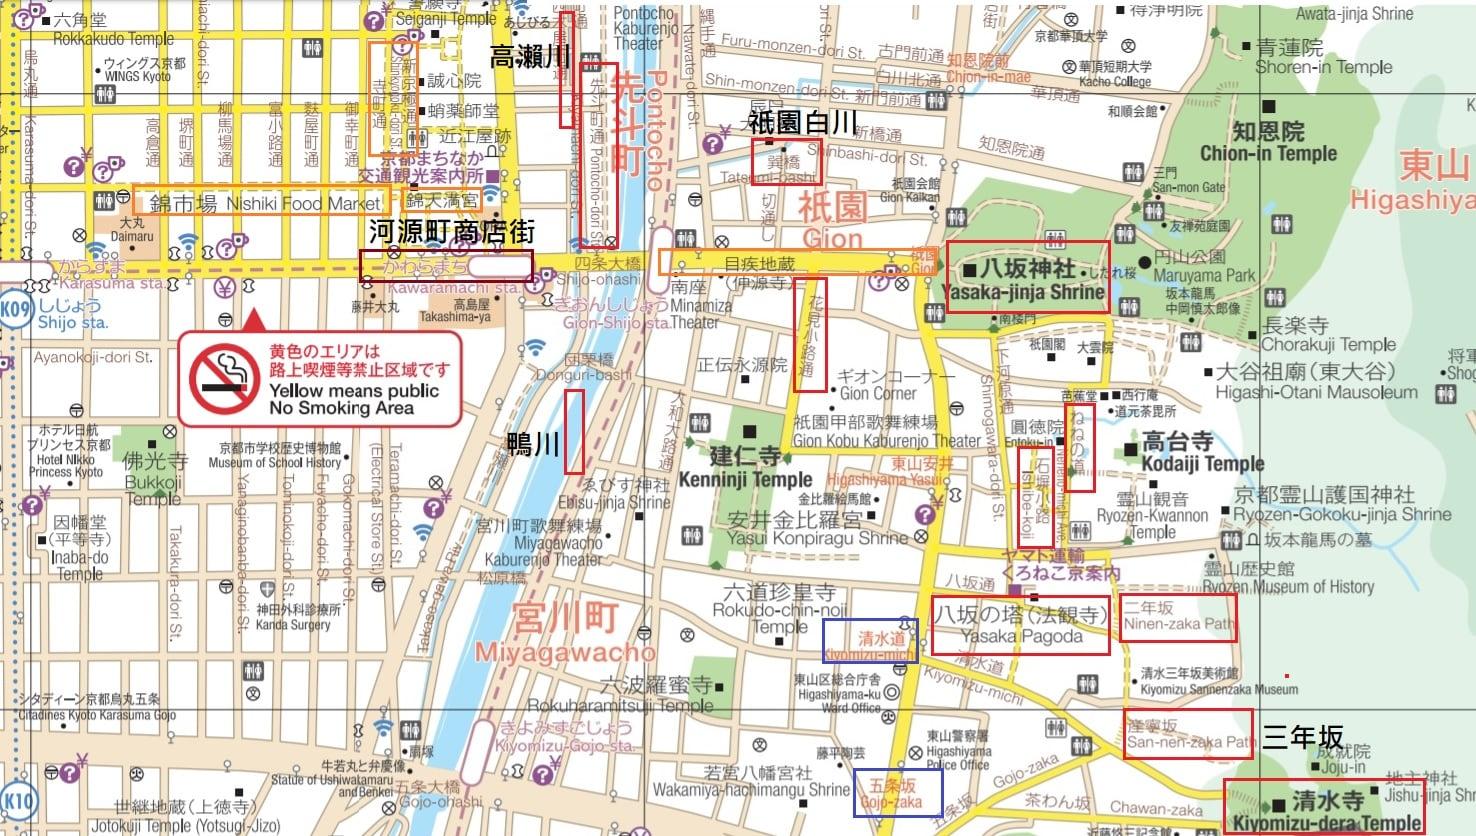 [京都祇園景點]花見小路(日式老街,鰻魚飯美食,藝伎回憶錄取景)